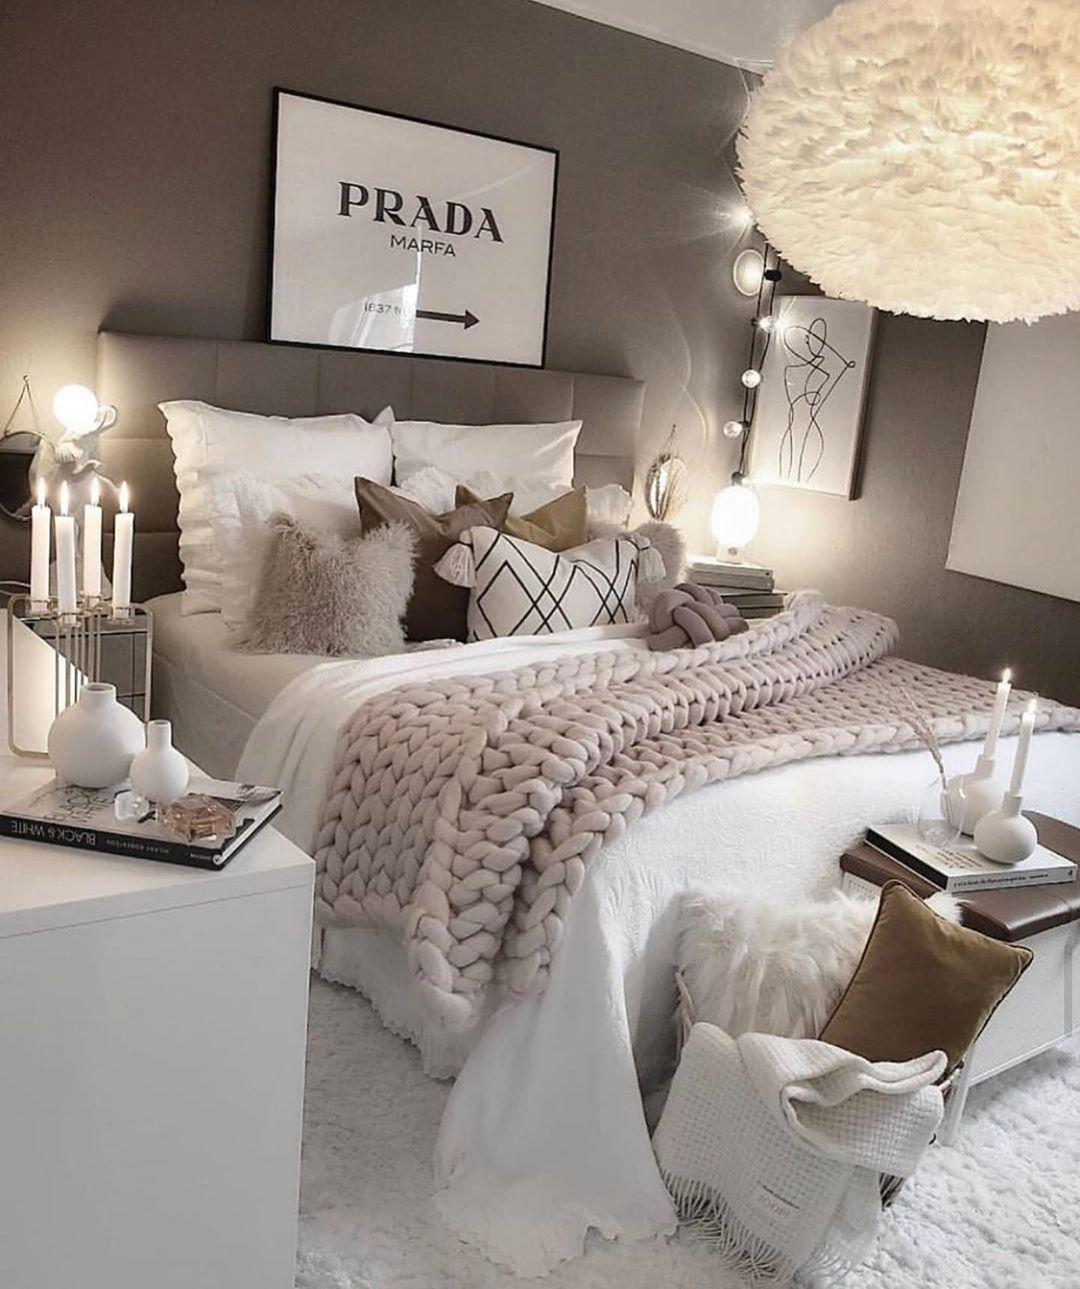 #roomdesign #room #roominspiration #bedroom #bedroomdesign  #bedroomdecor #bedroomdinspiration #masterbedroom